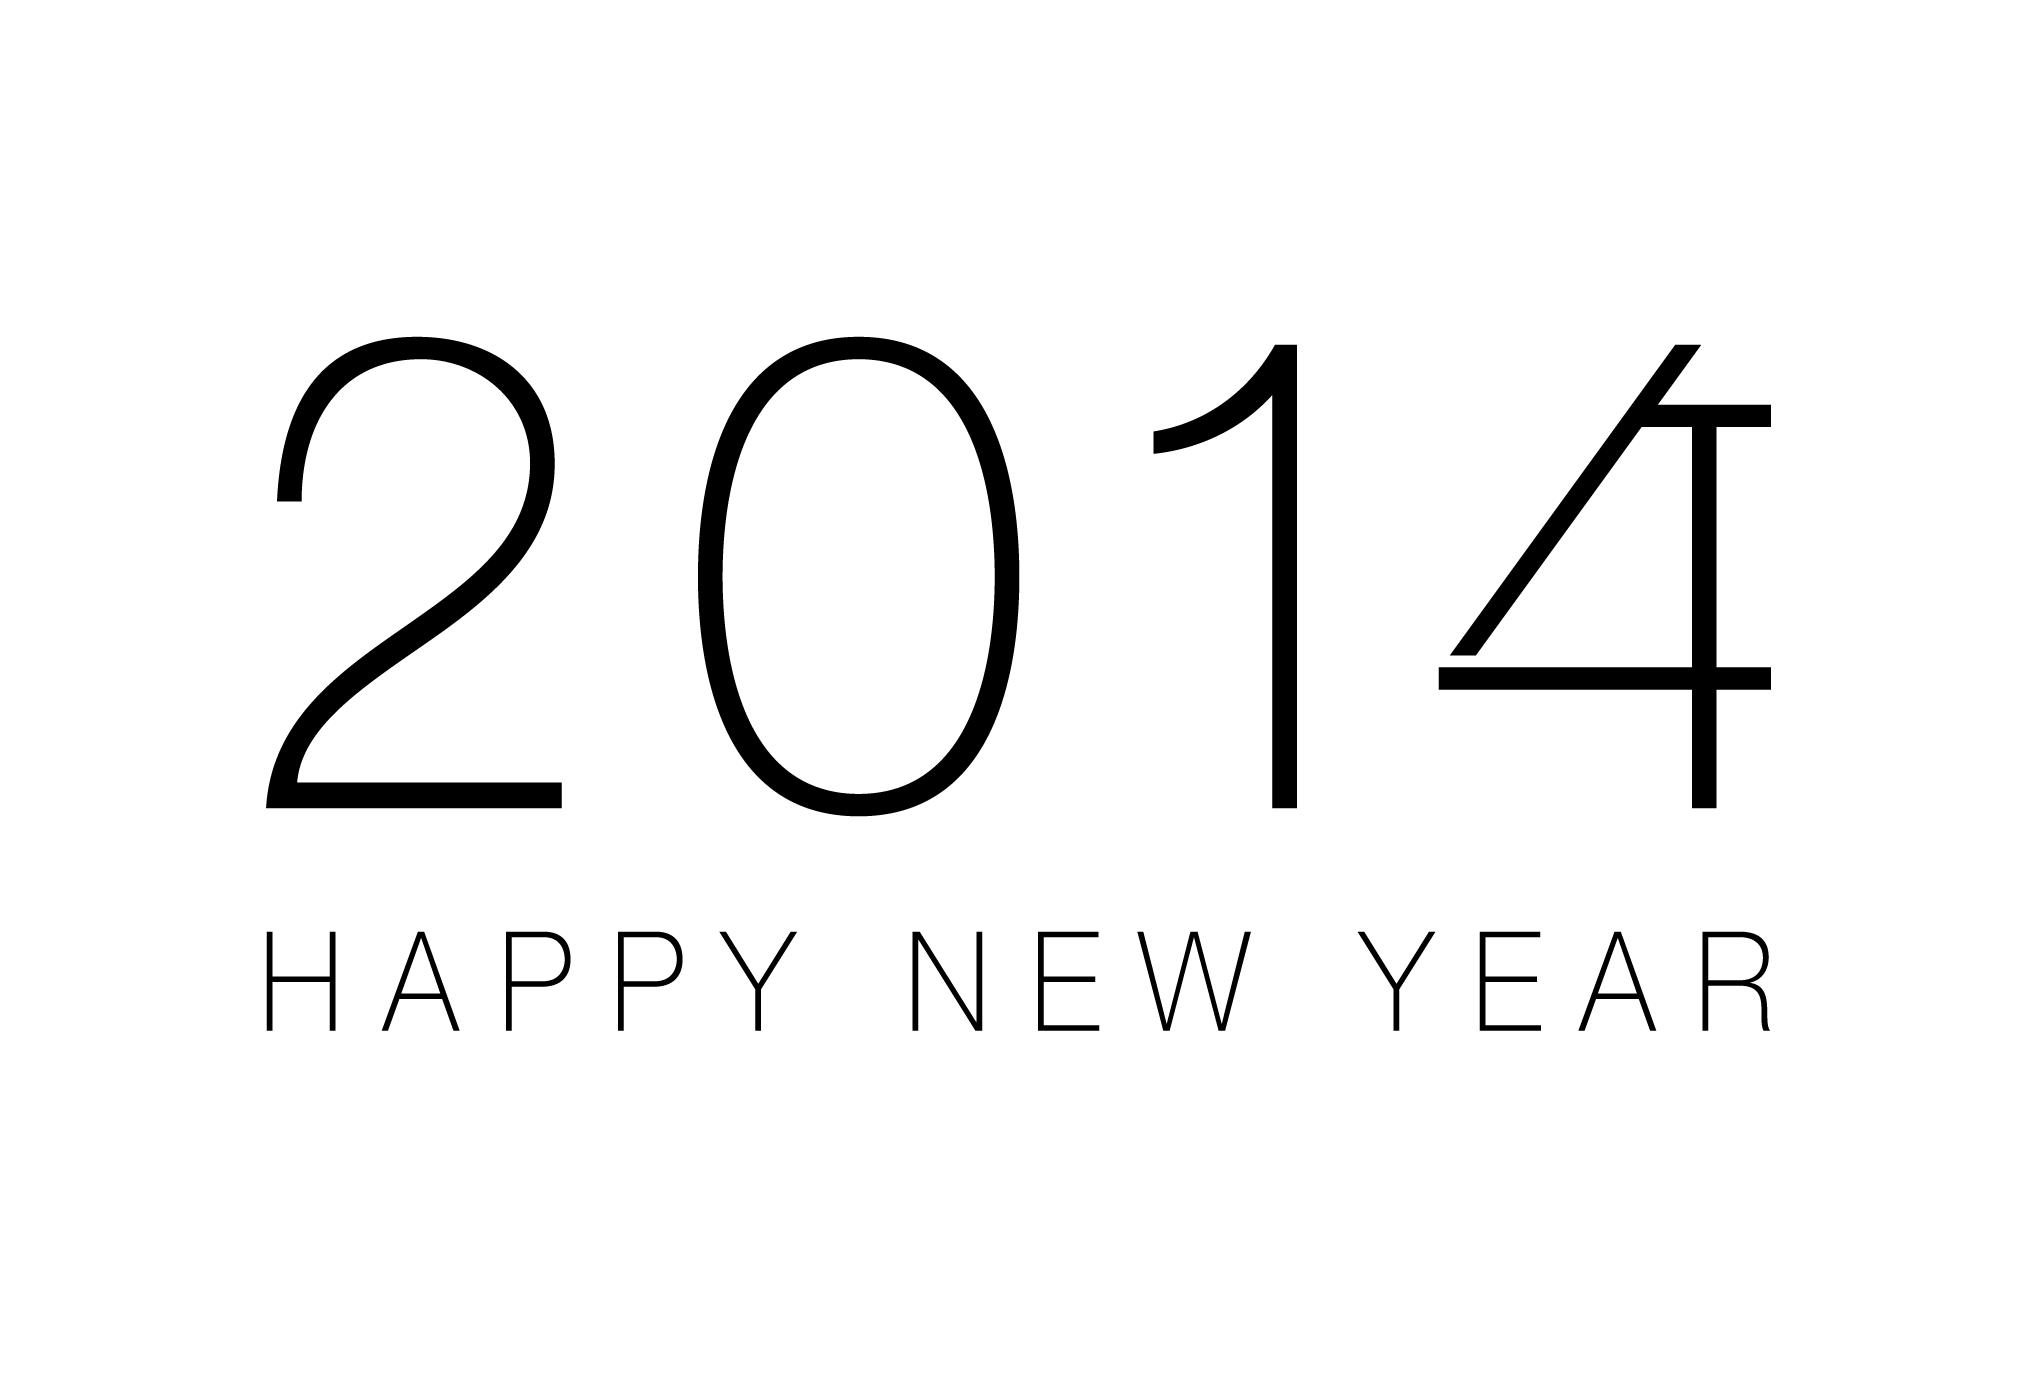 2014年賀状08-1:201牛 / 1のダウンロード画像